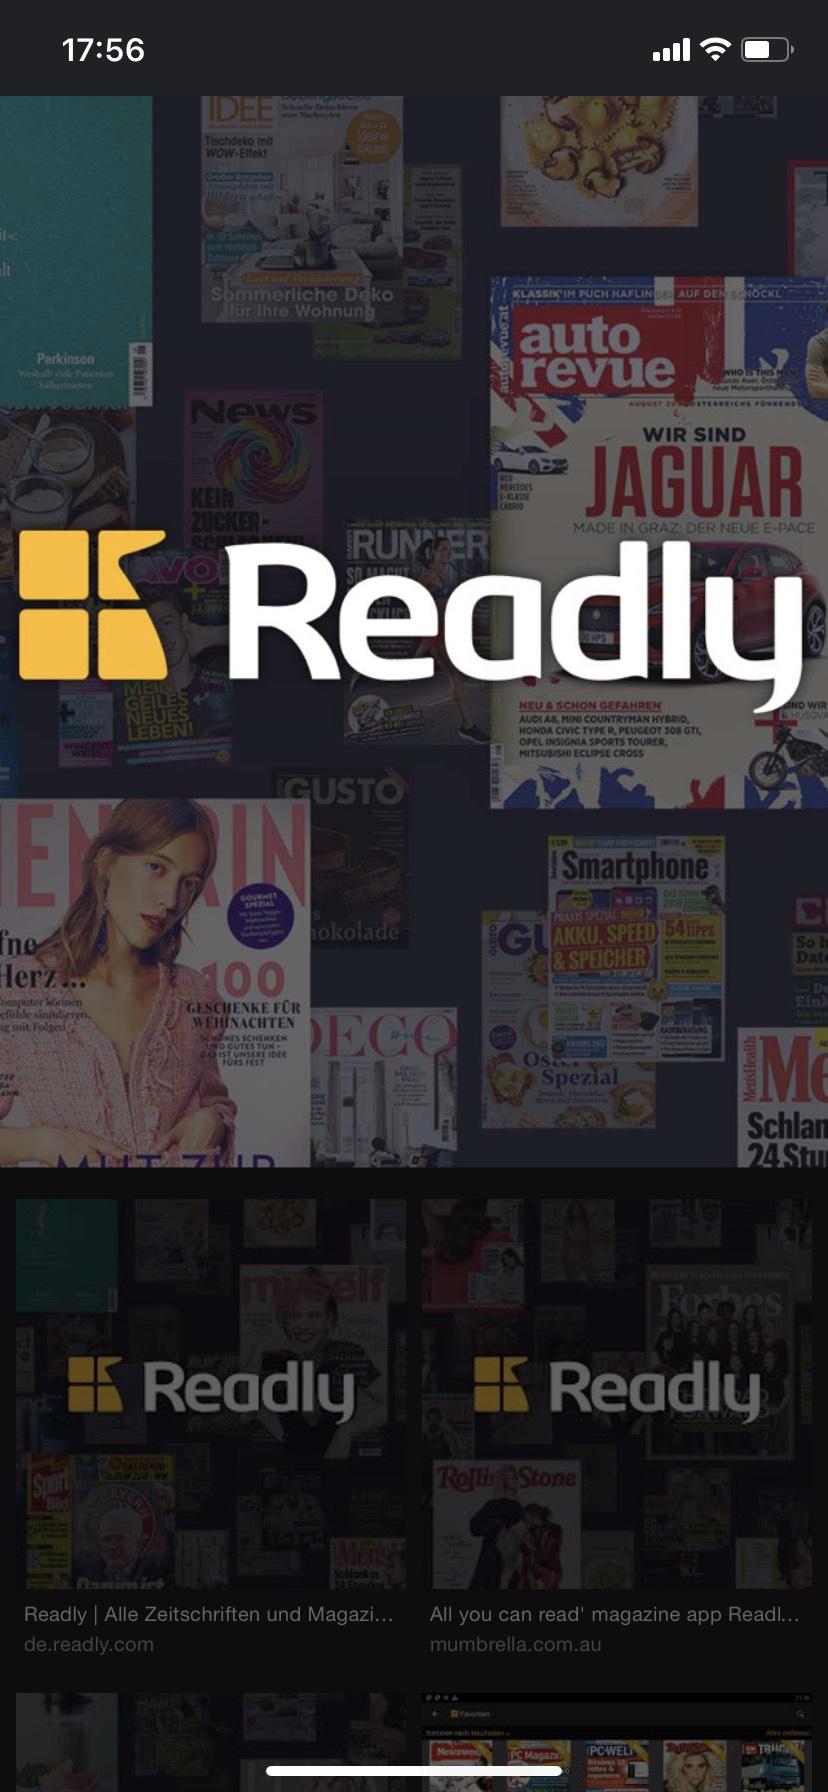 Readly - 2 Monate kostenlos testen (Neukunden)